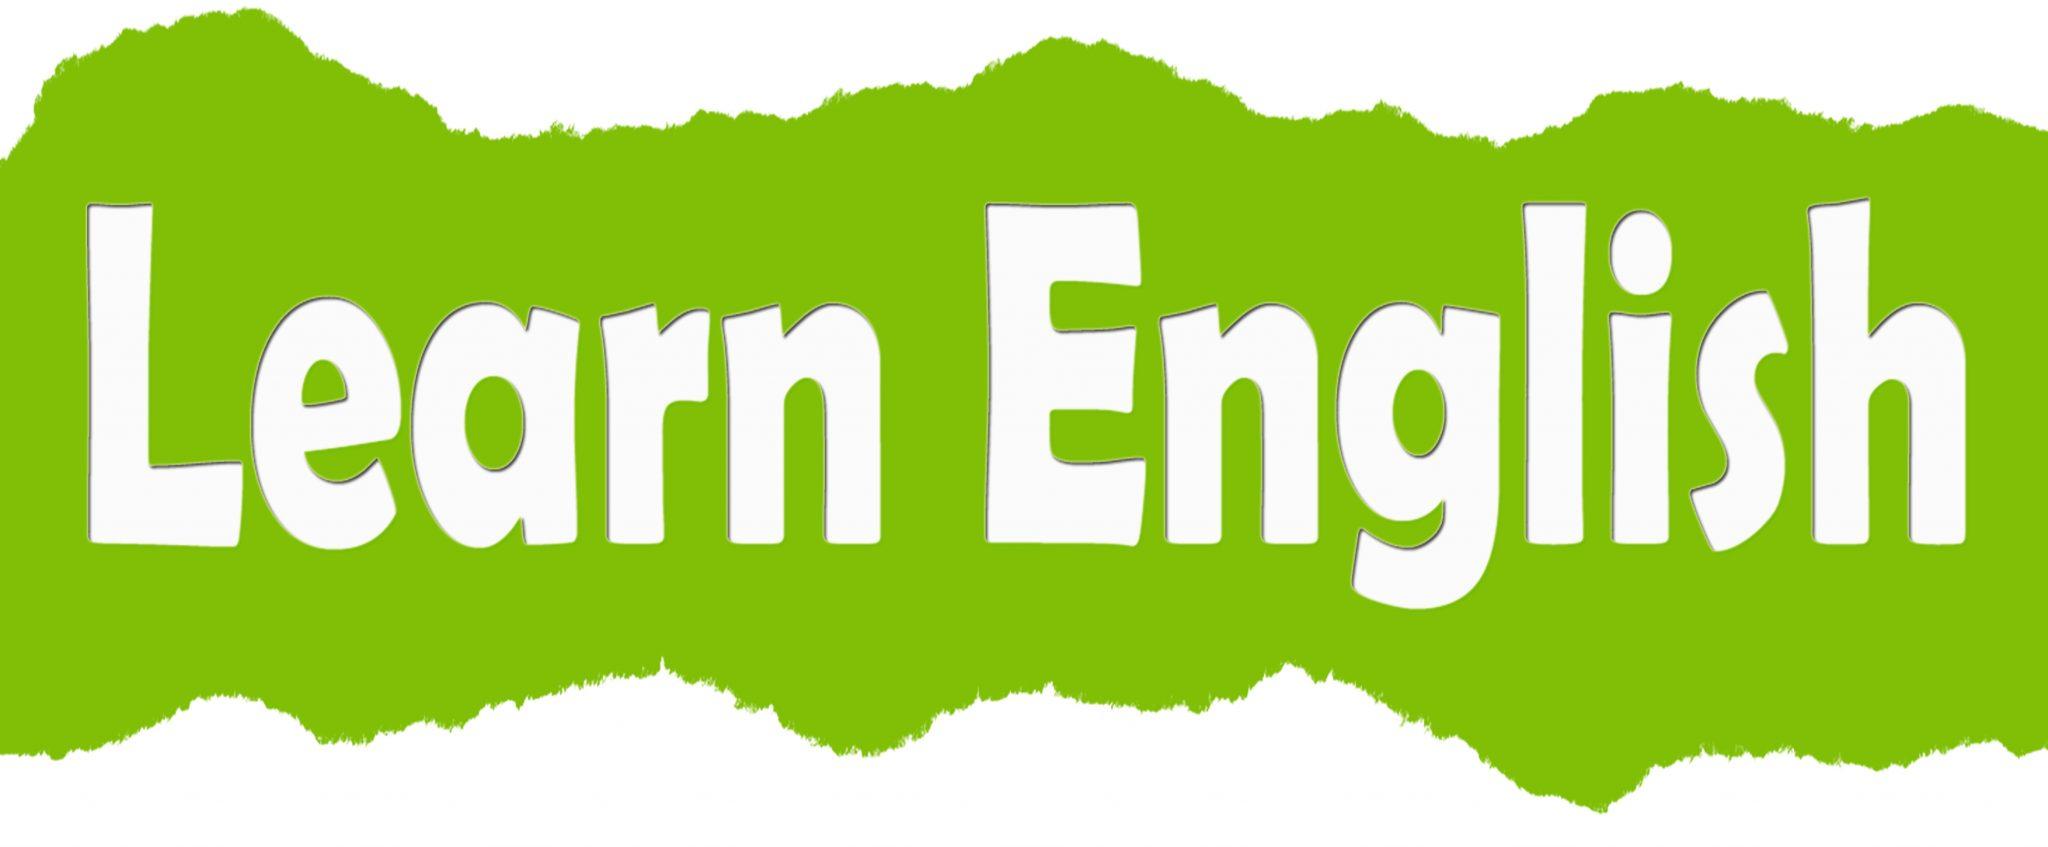 مواردی که احتمالا راجب زبان انگلیسی نمی دانید!